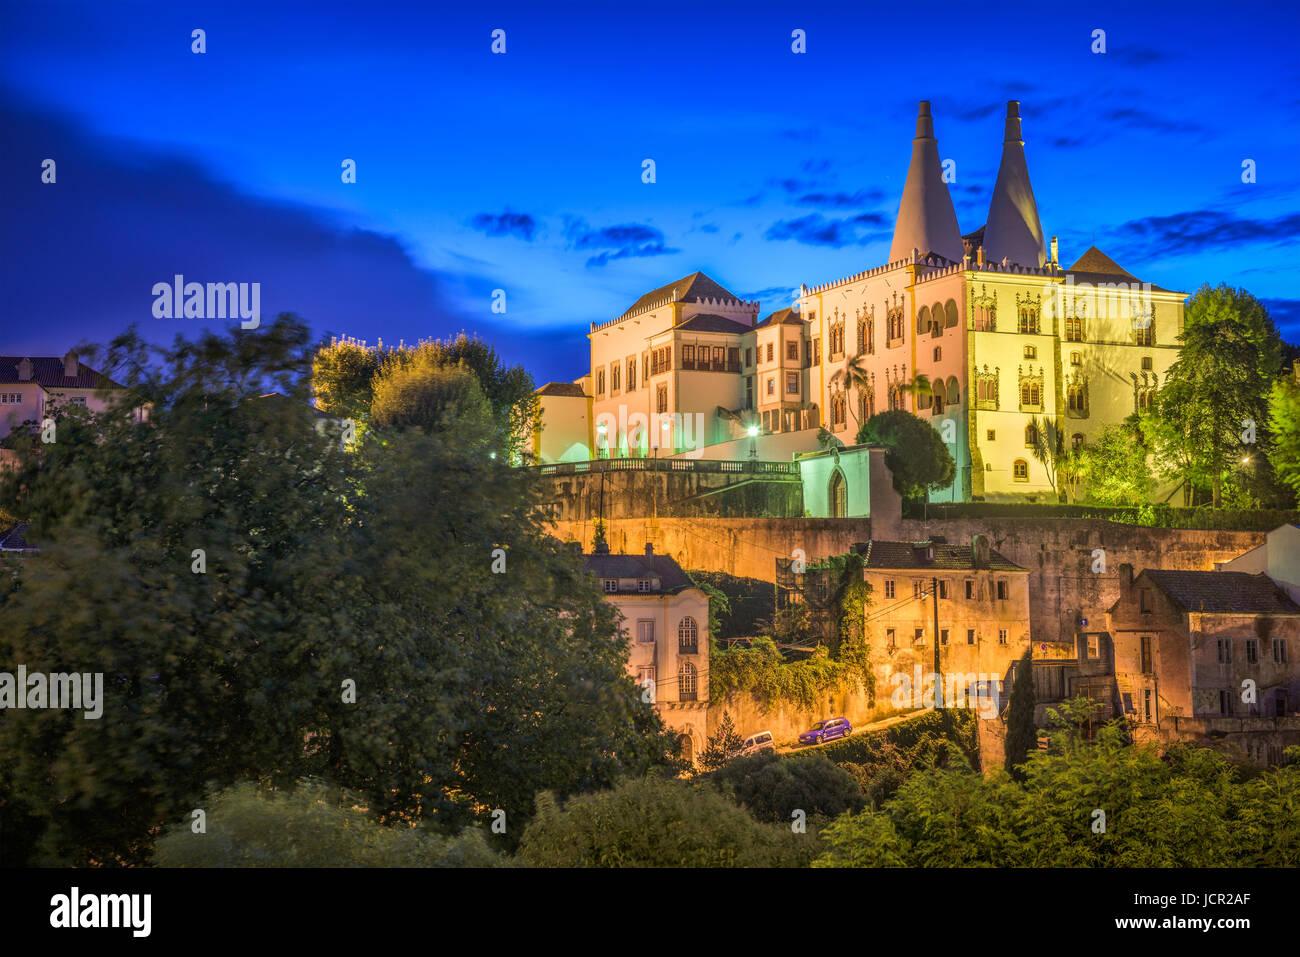 Sintra, Portugal, en el Palacio Nacional de Sintra. Imagen De Stock